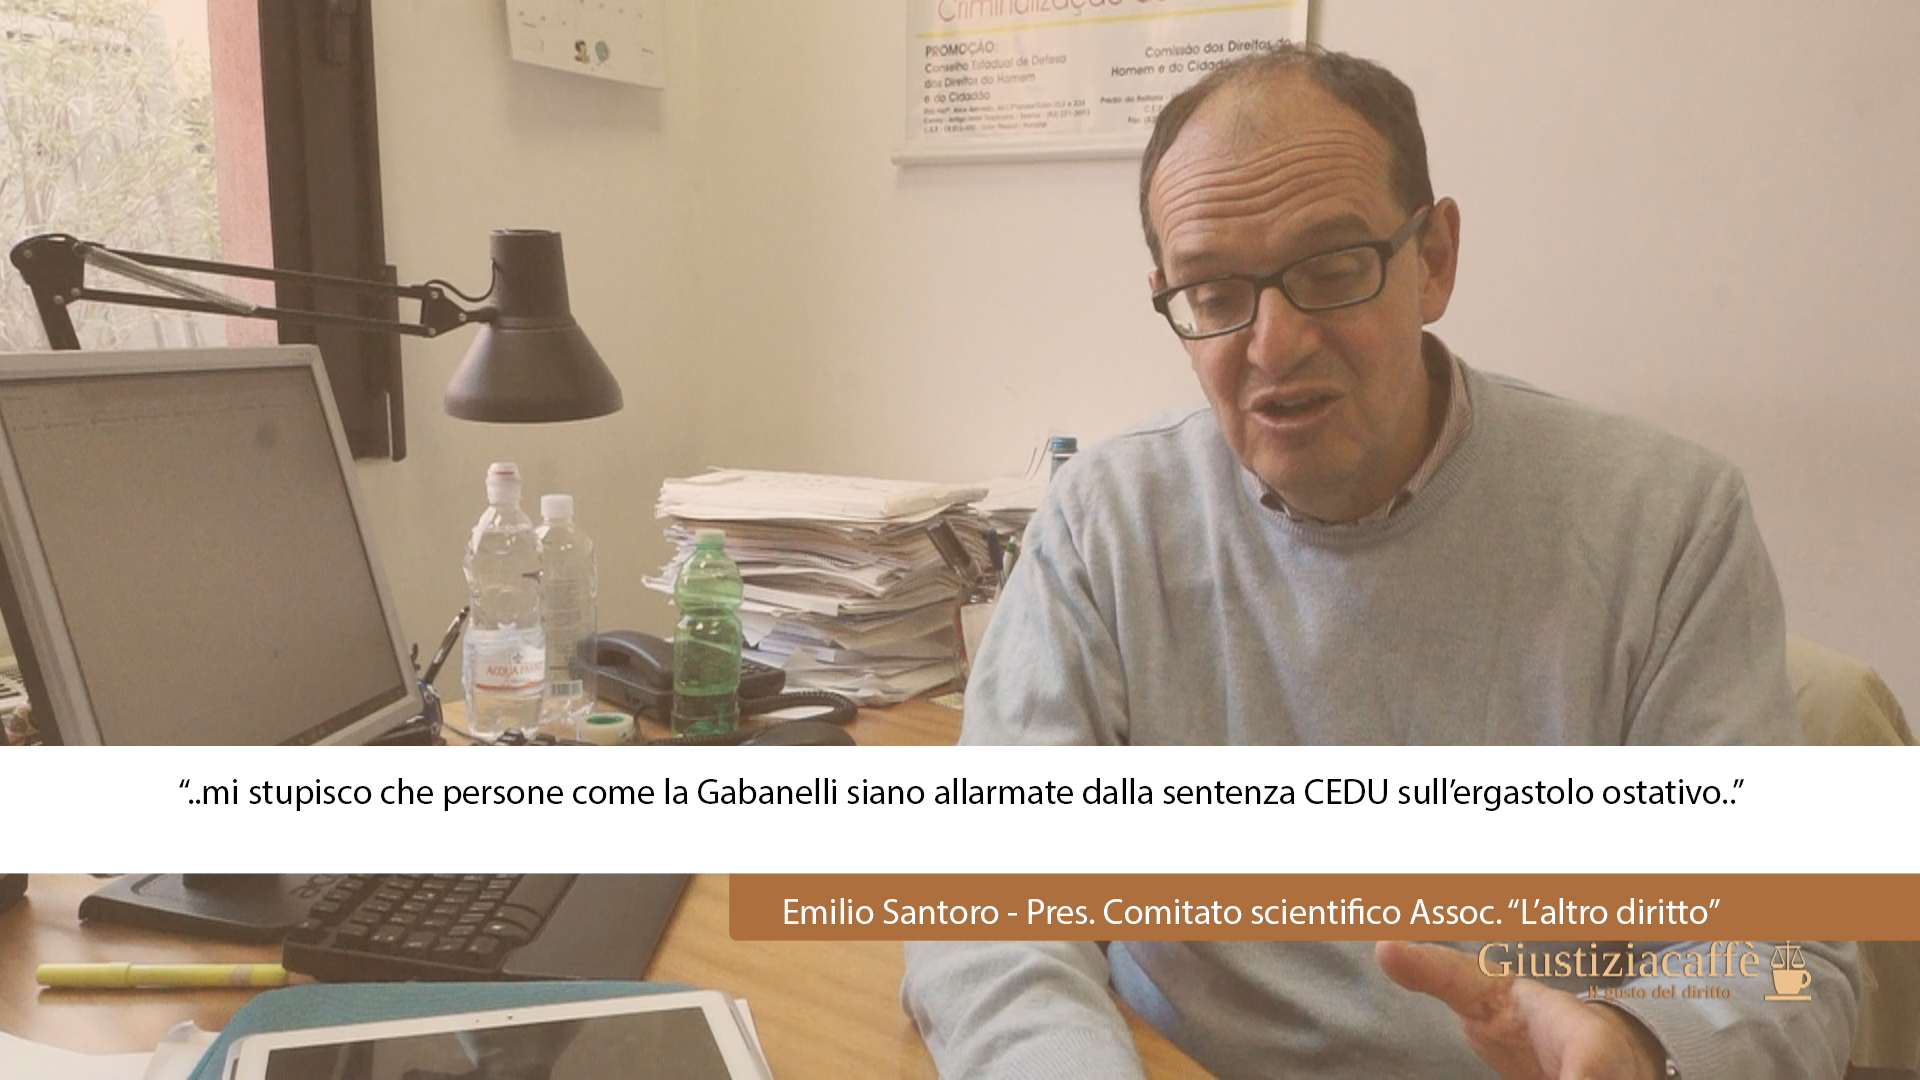 """""""Mi stupisco che la Gabanelli sia allarmata dalla sentenza CEDU sull'ergastolo ostativo.."""""""